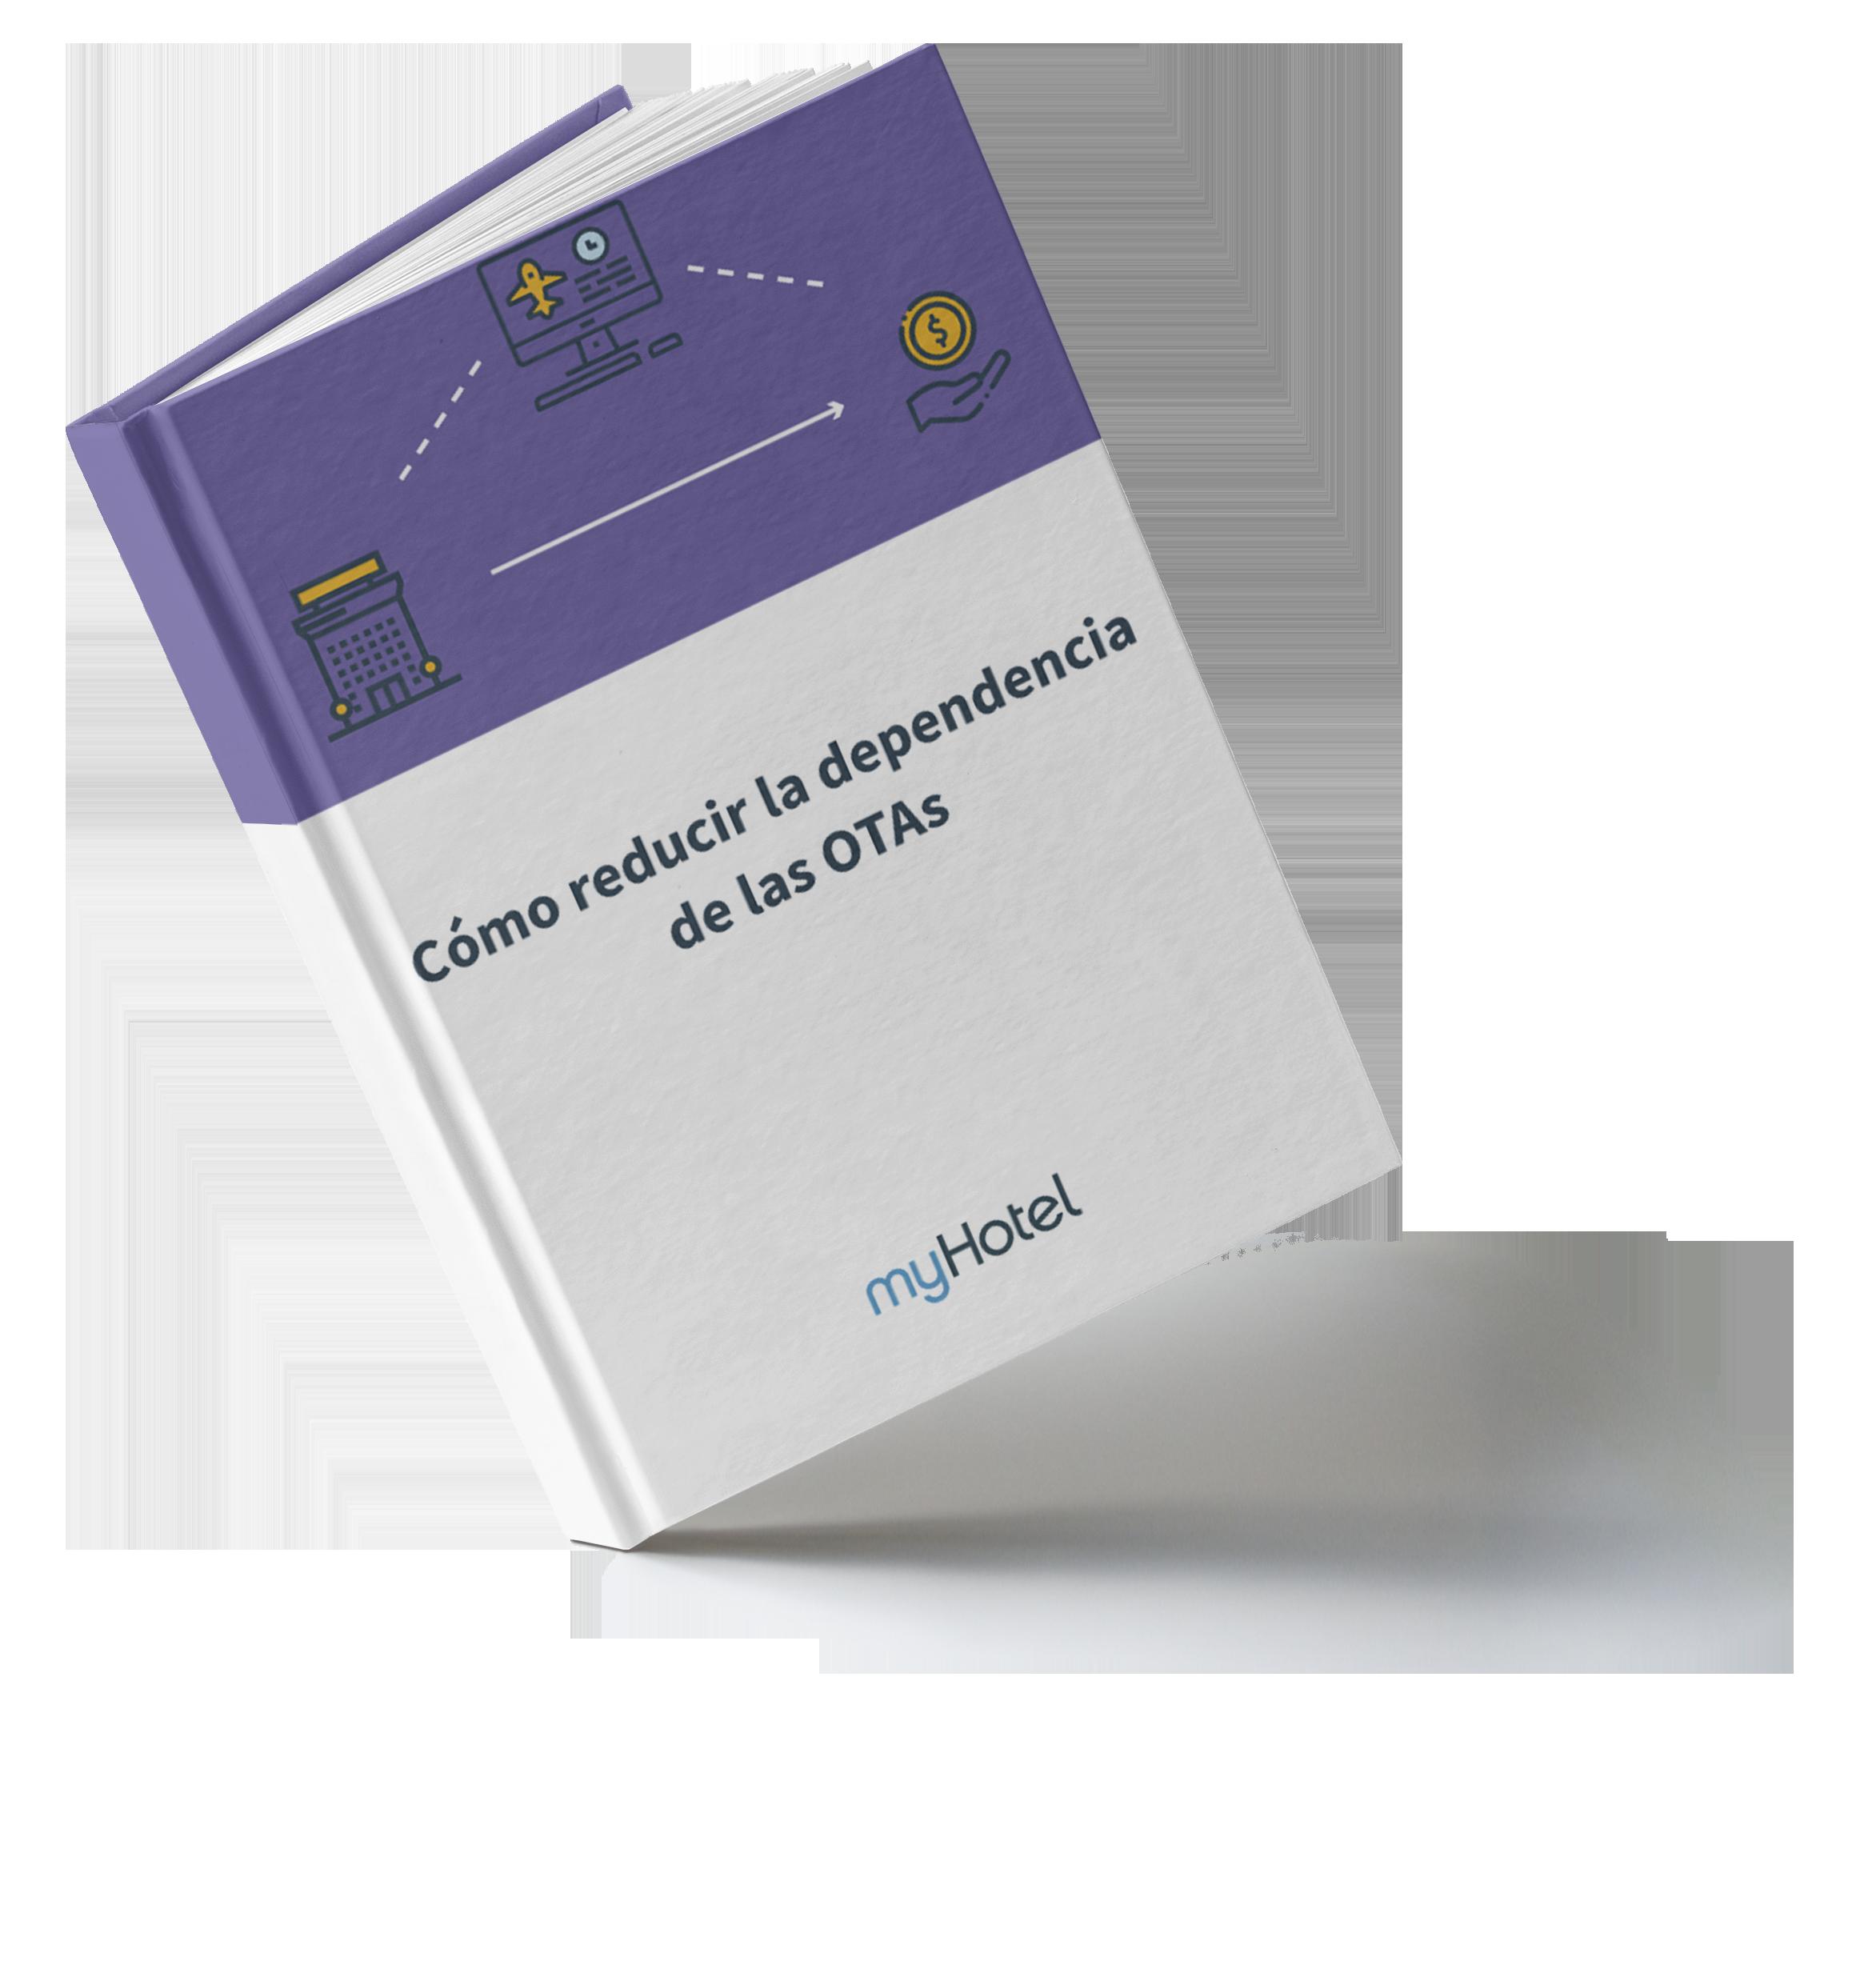 ebook-mockup-como-reducir-la-dependencia-de-las-otas